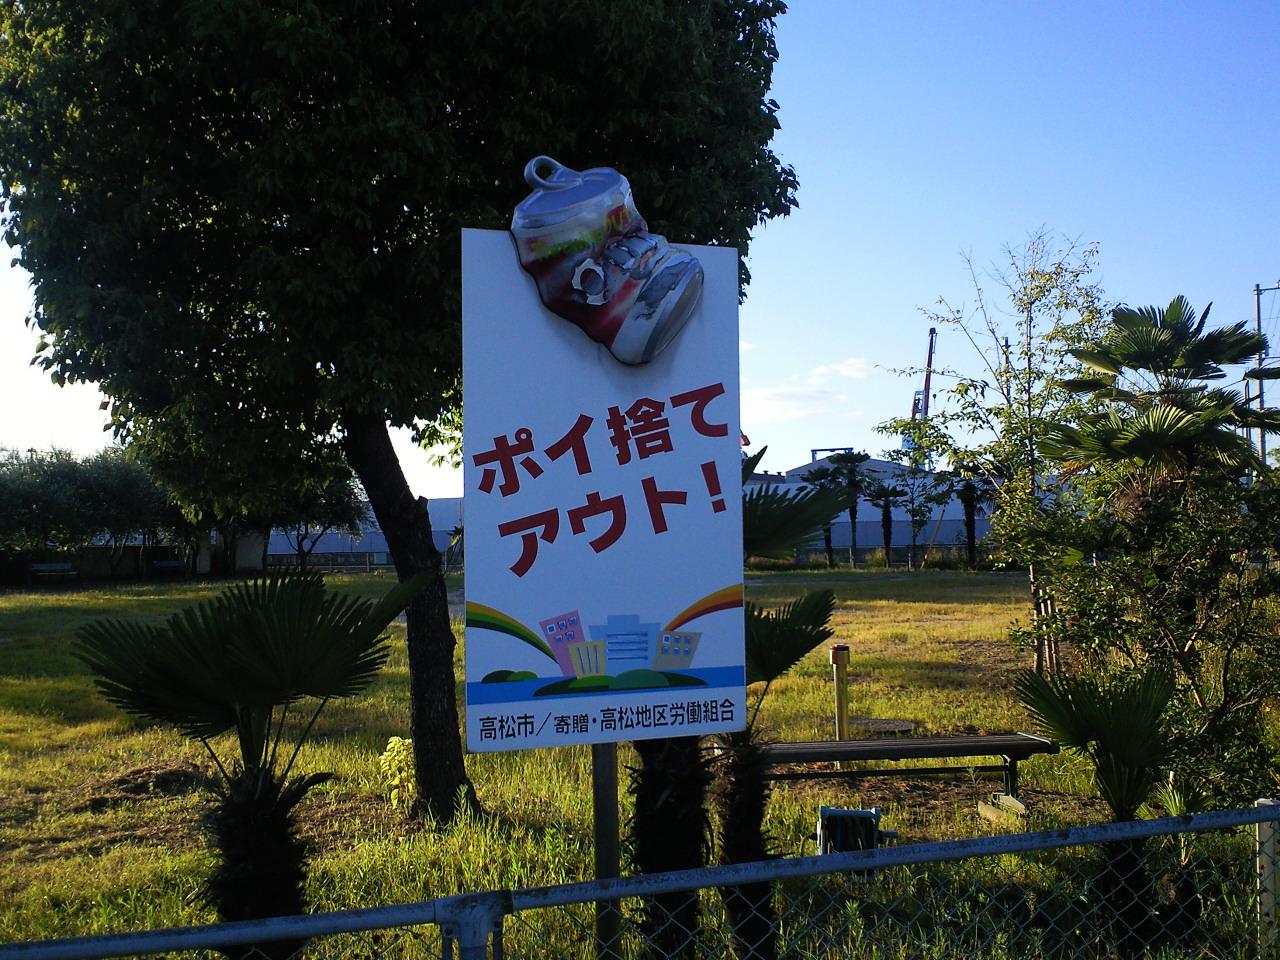 瀬戸内国際芸術祭をとりあえず応援してみている風ブログ_c0001670_20585018.jpg